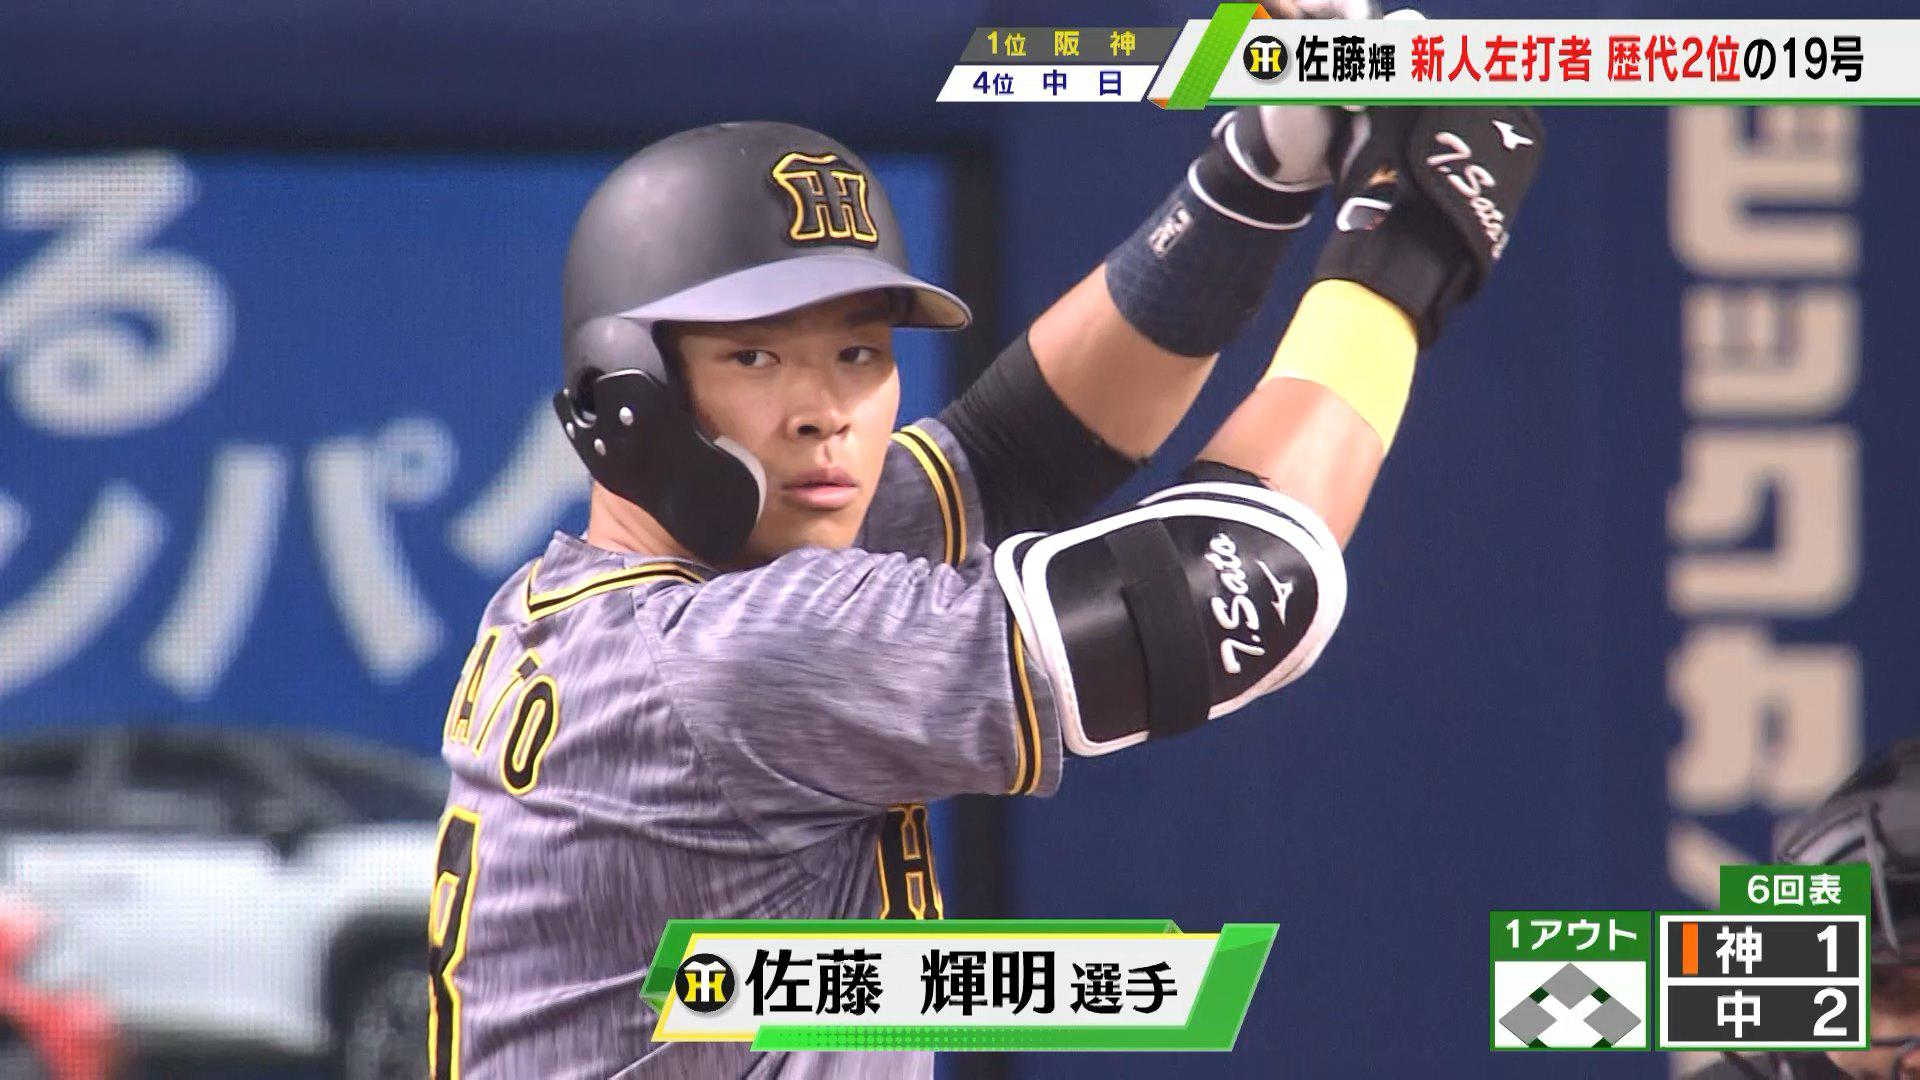 【阪神】佐藤輝明 新人左打者歴代2位の19号